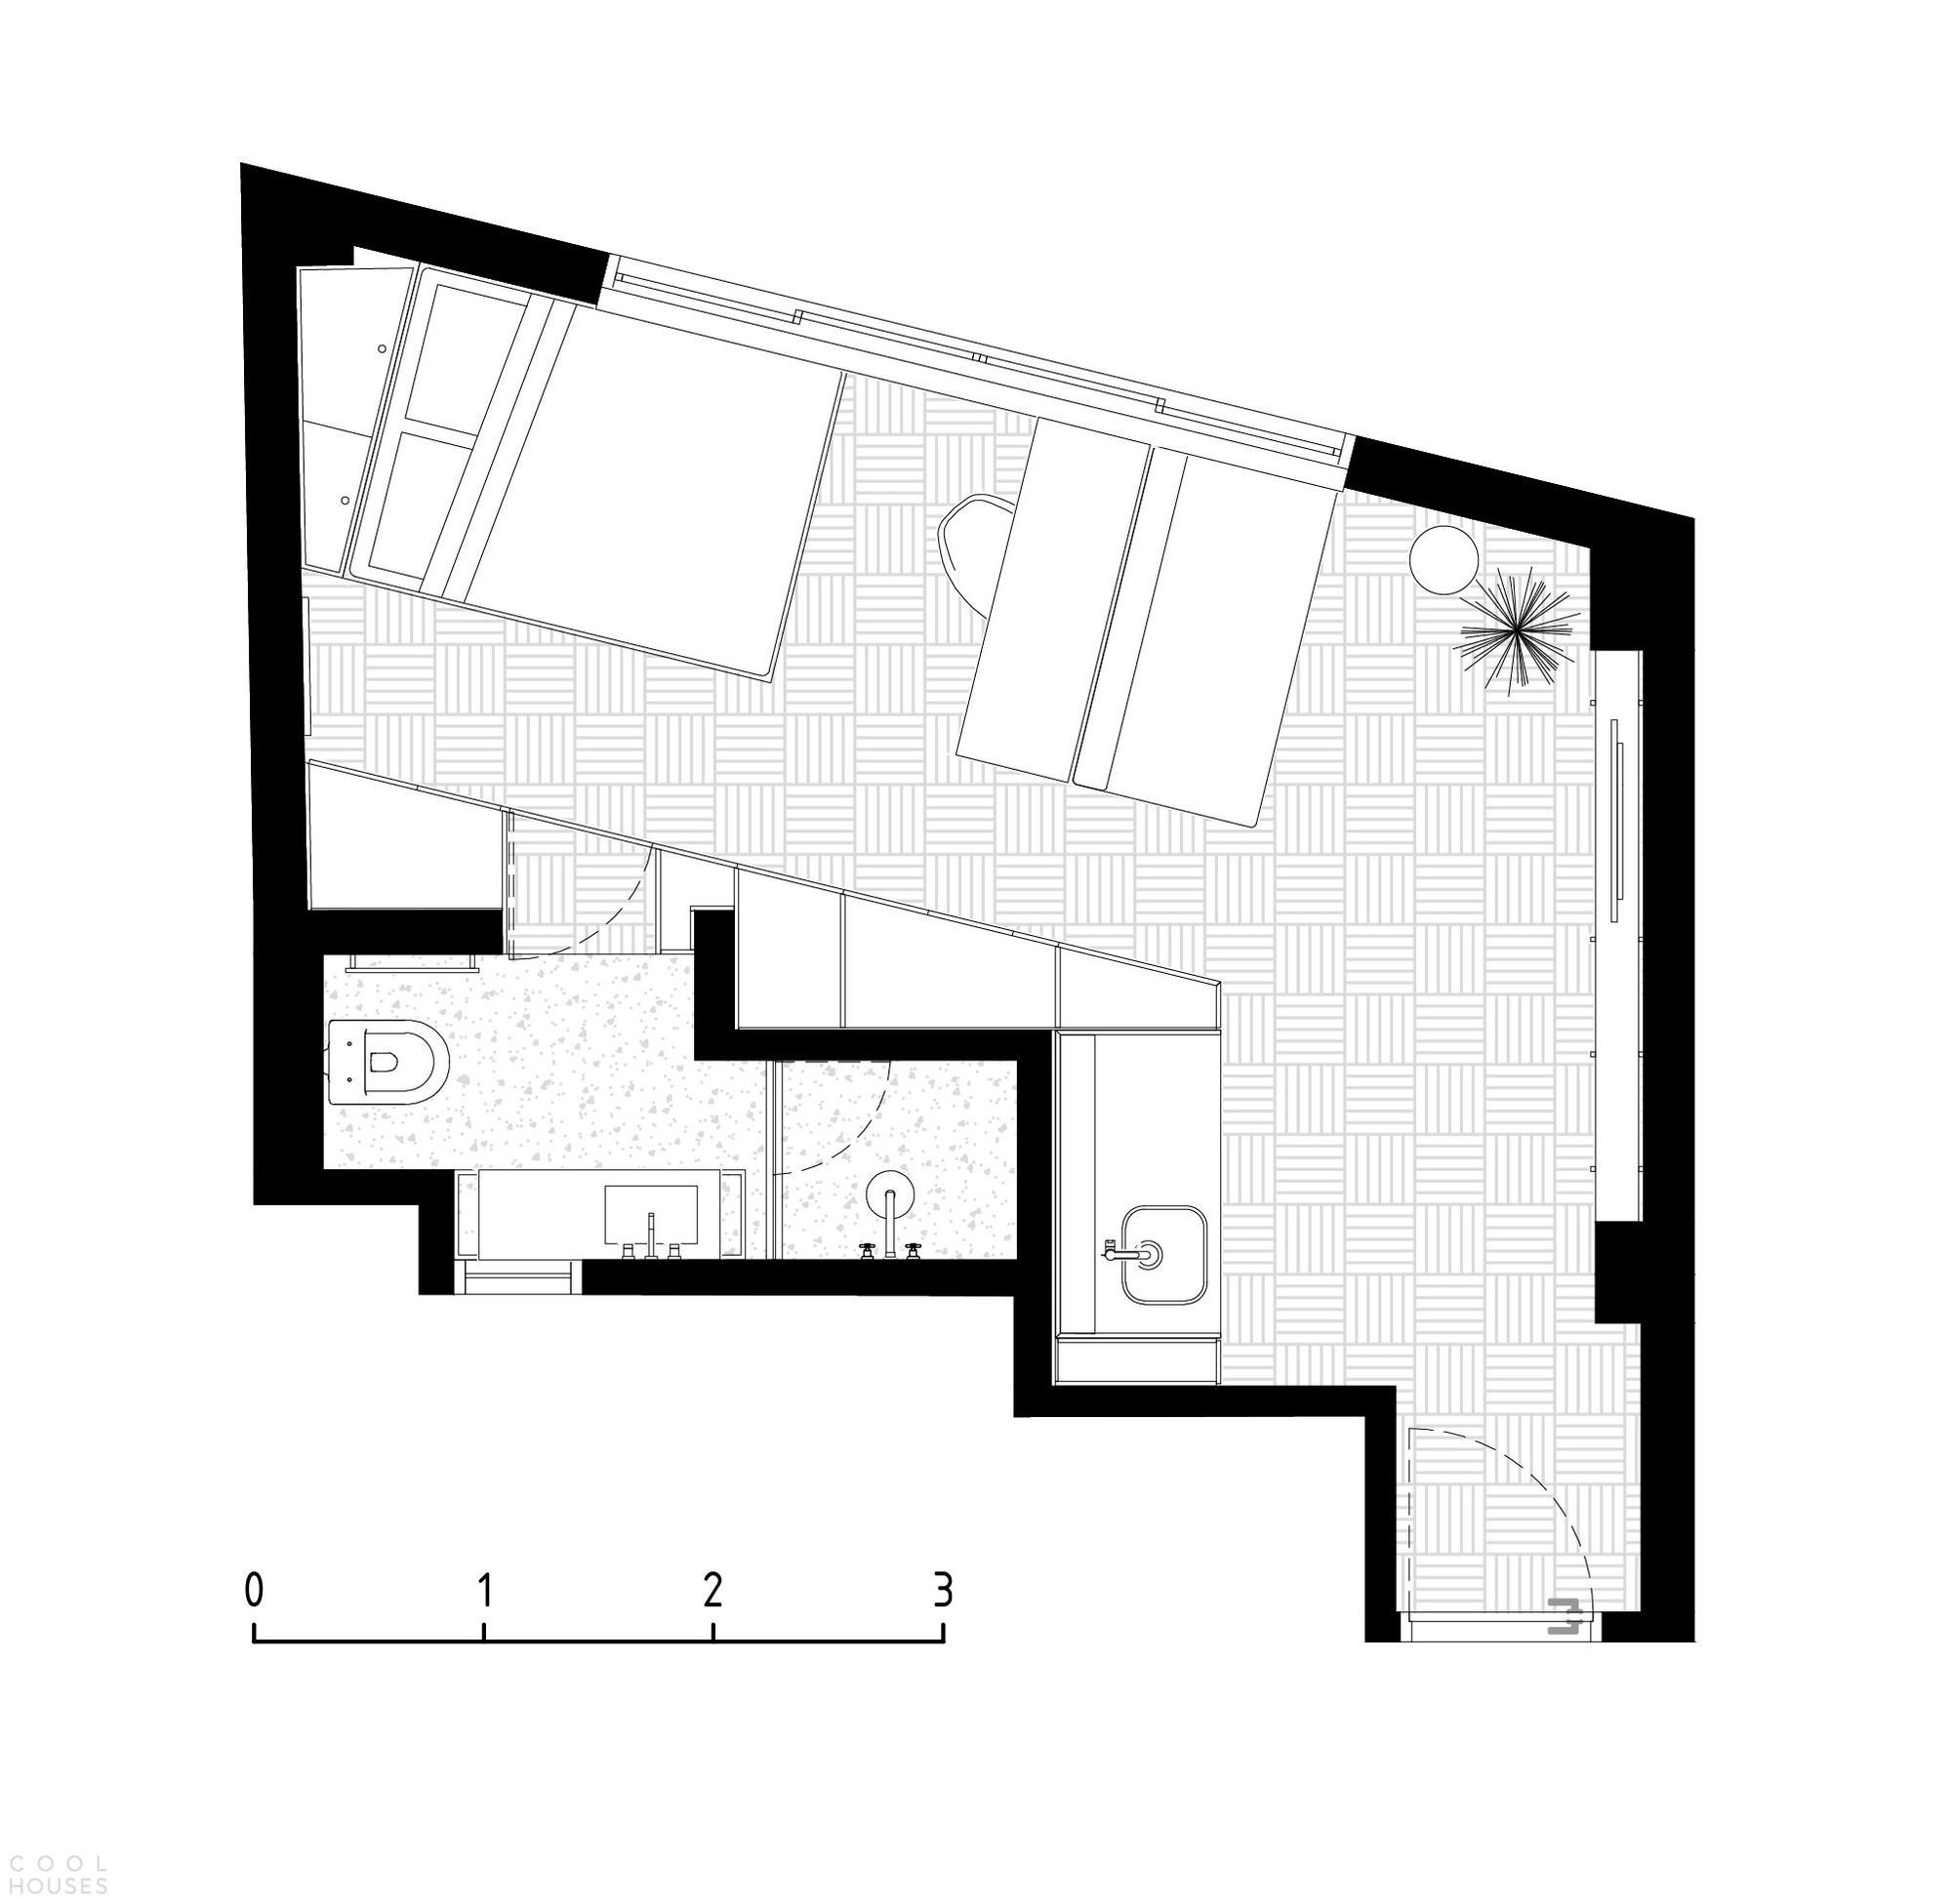 Превращение гостиничного номера в компактную квартиру